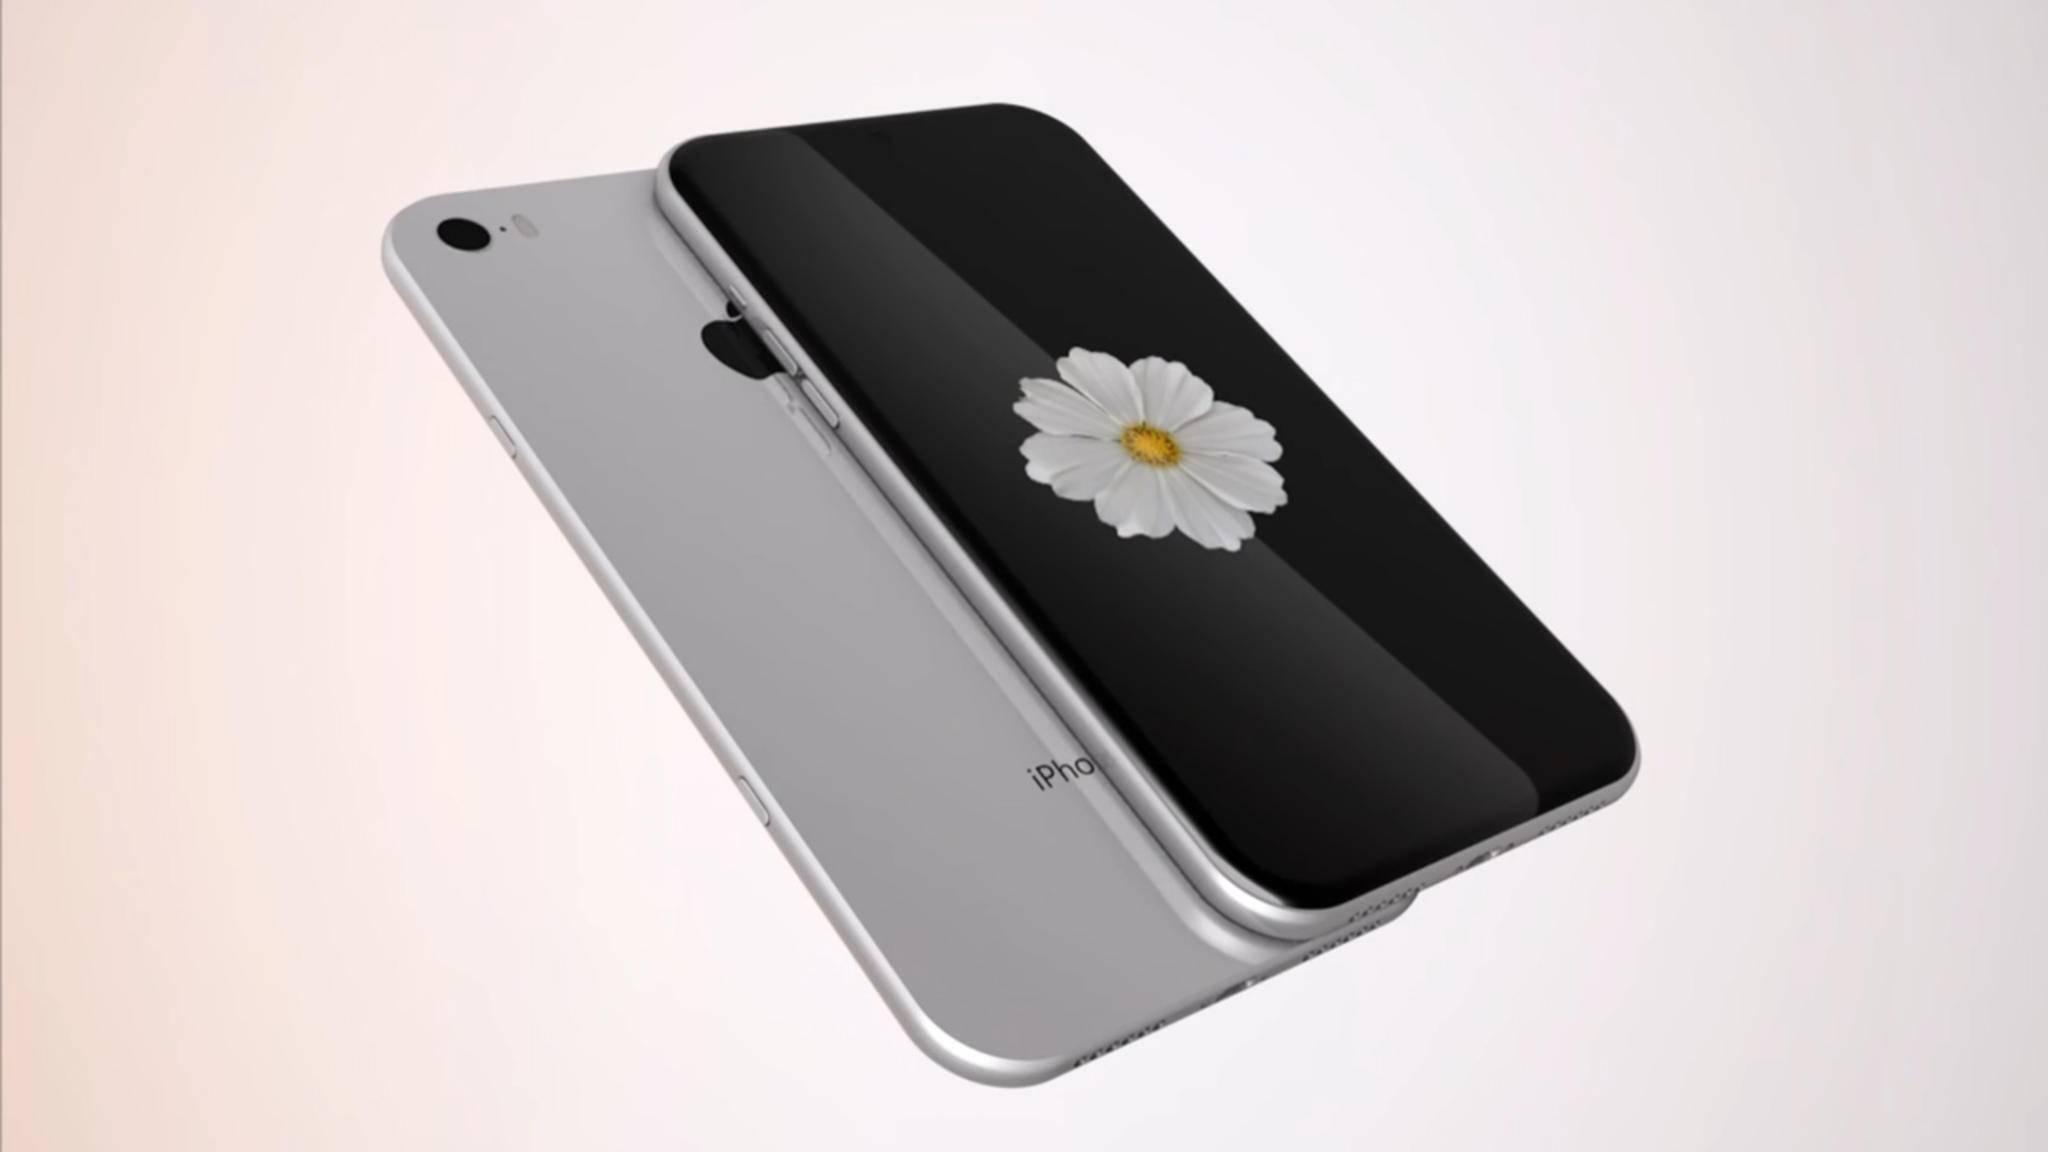 Das iPhone 8 soll einen höheren Preis als die Vorgänger haben.